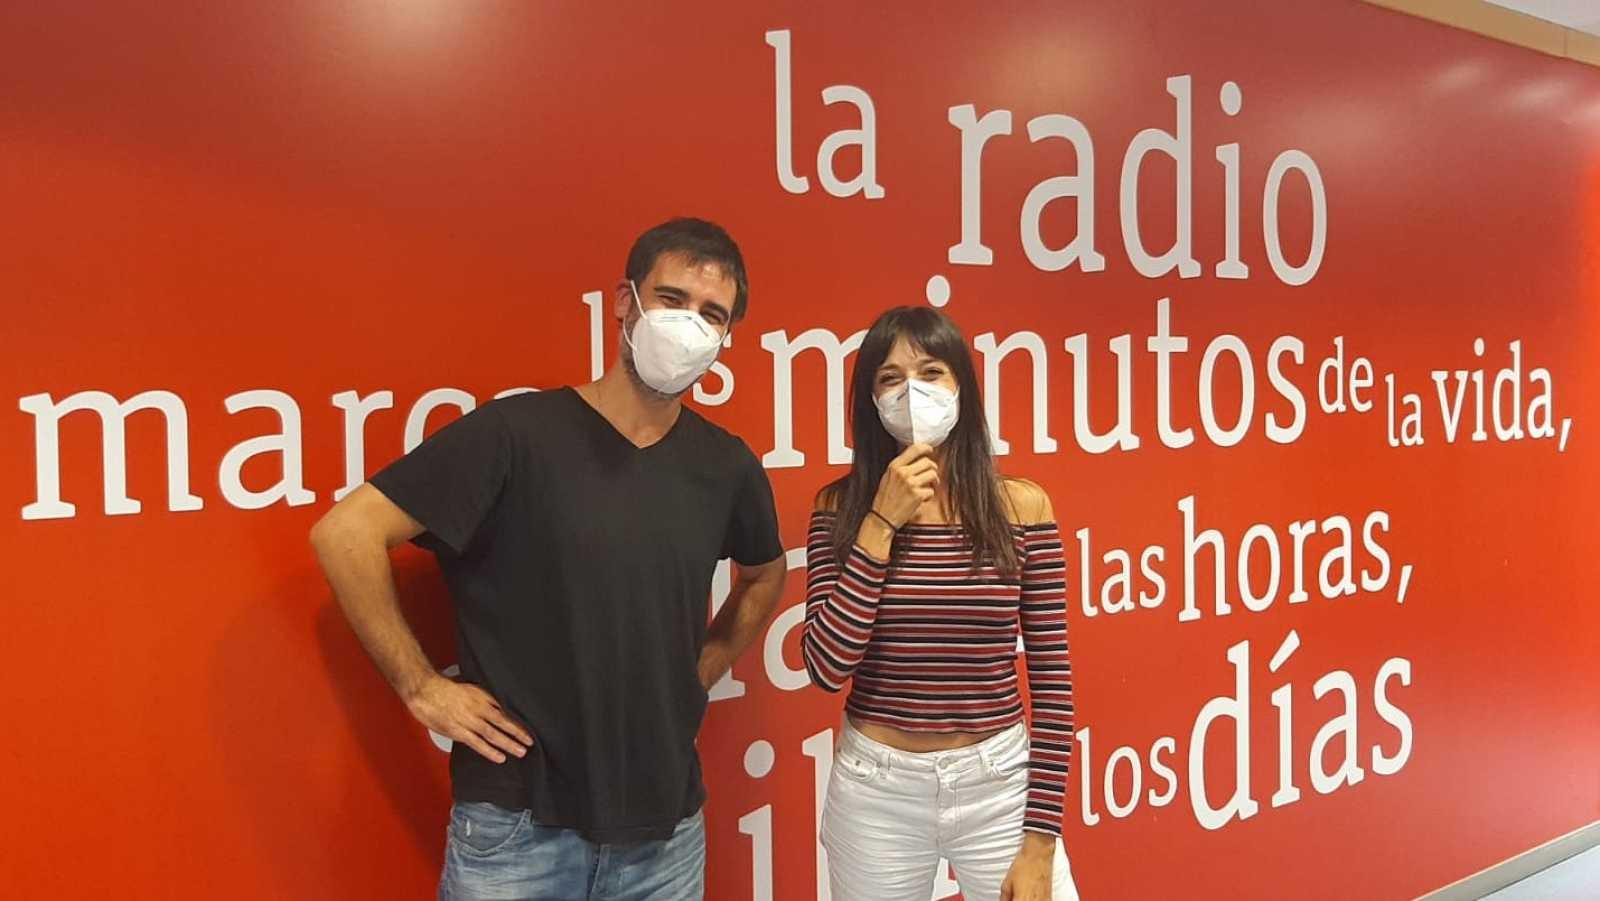 La sala - Trashumantes: A Suecia con Zaira Montes y Elias González - 01/01/21 - Escuchar ahora